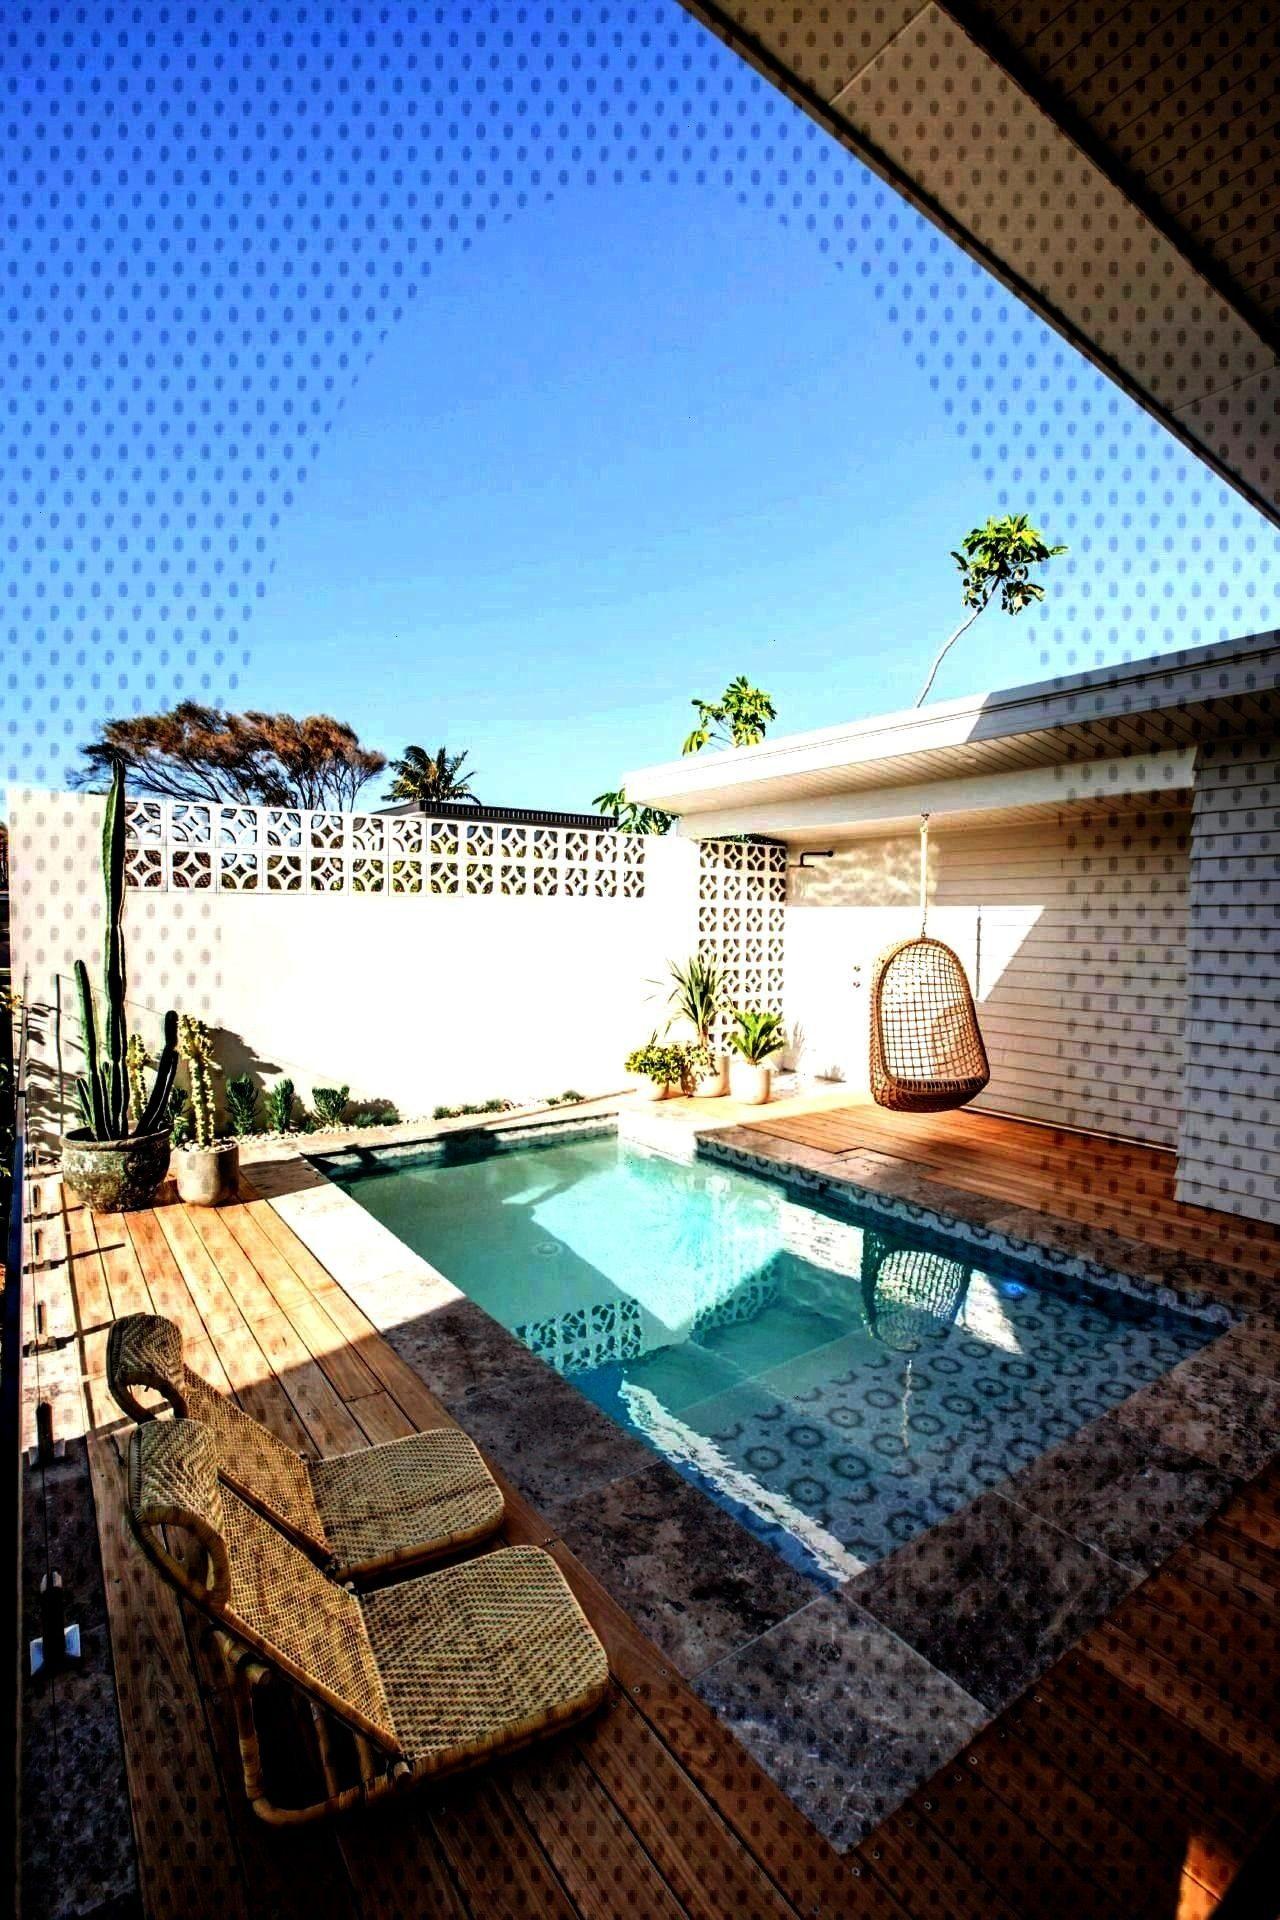 pool, Plunge pool,   Endless Ocean View, Breathtaking Sunrises, Luxury Home in Palmas del MaPlunge